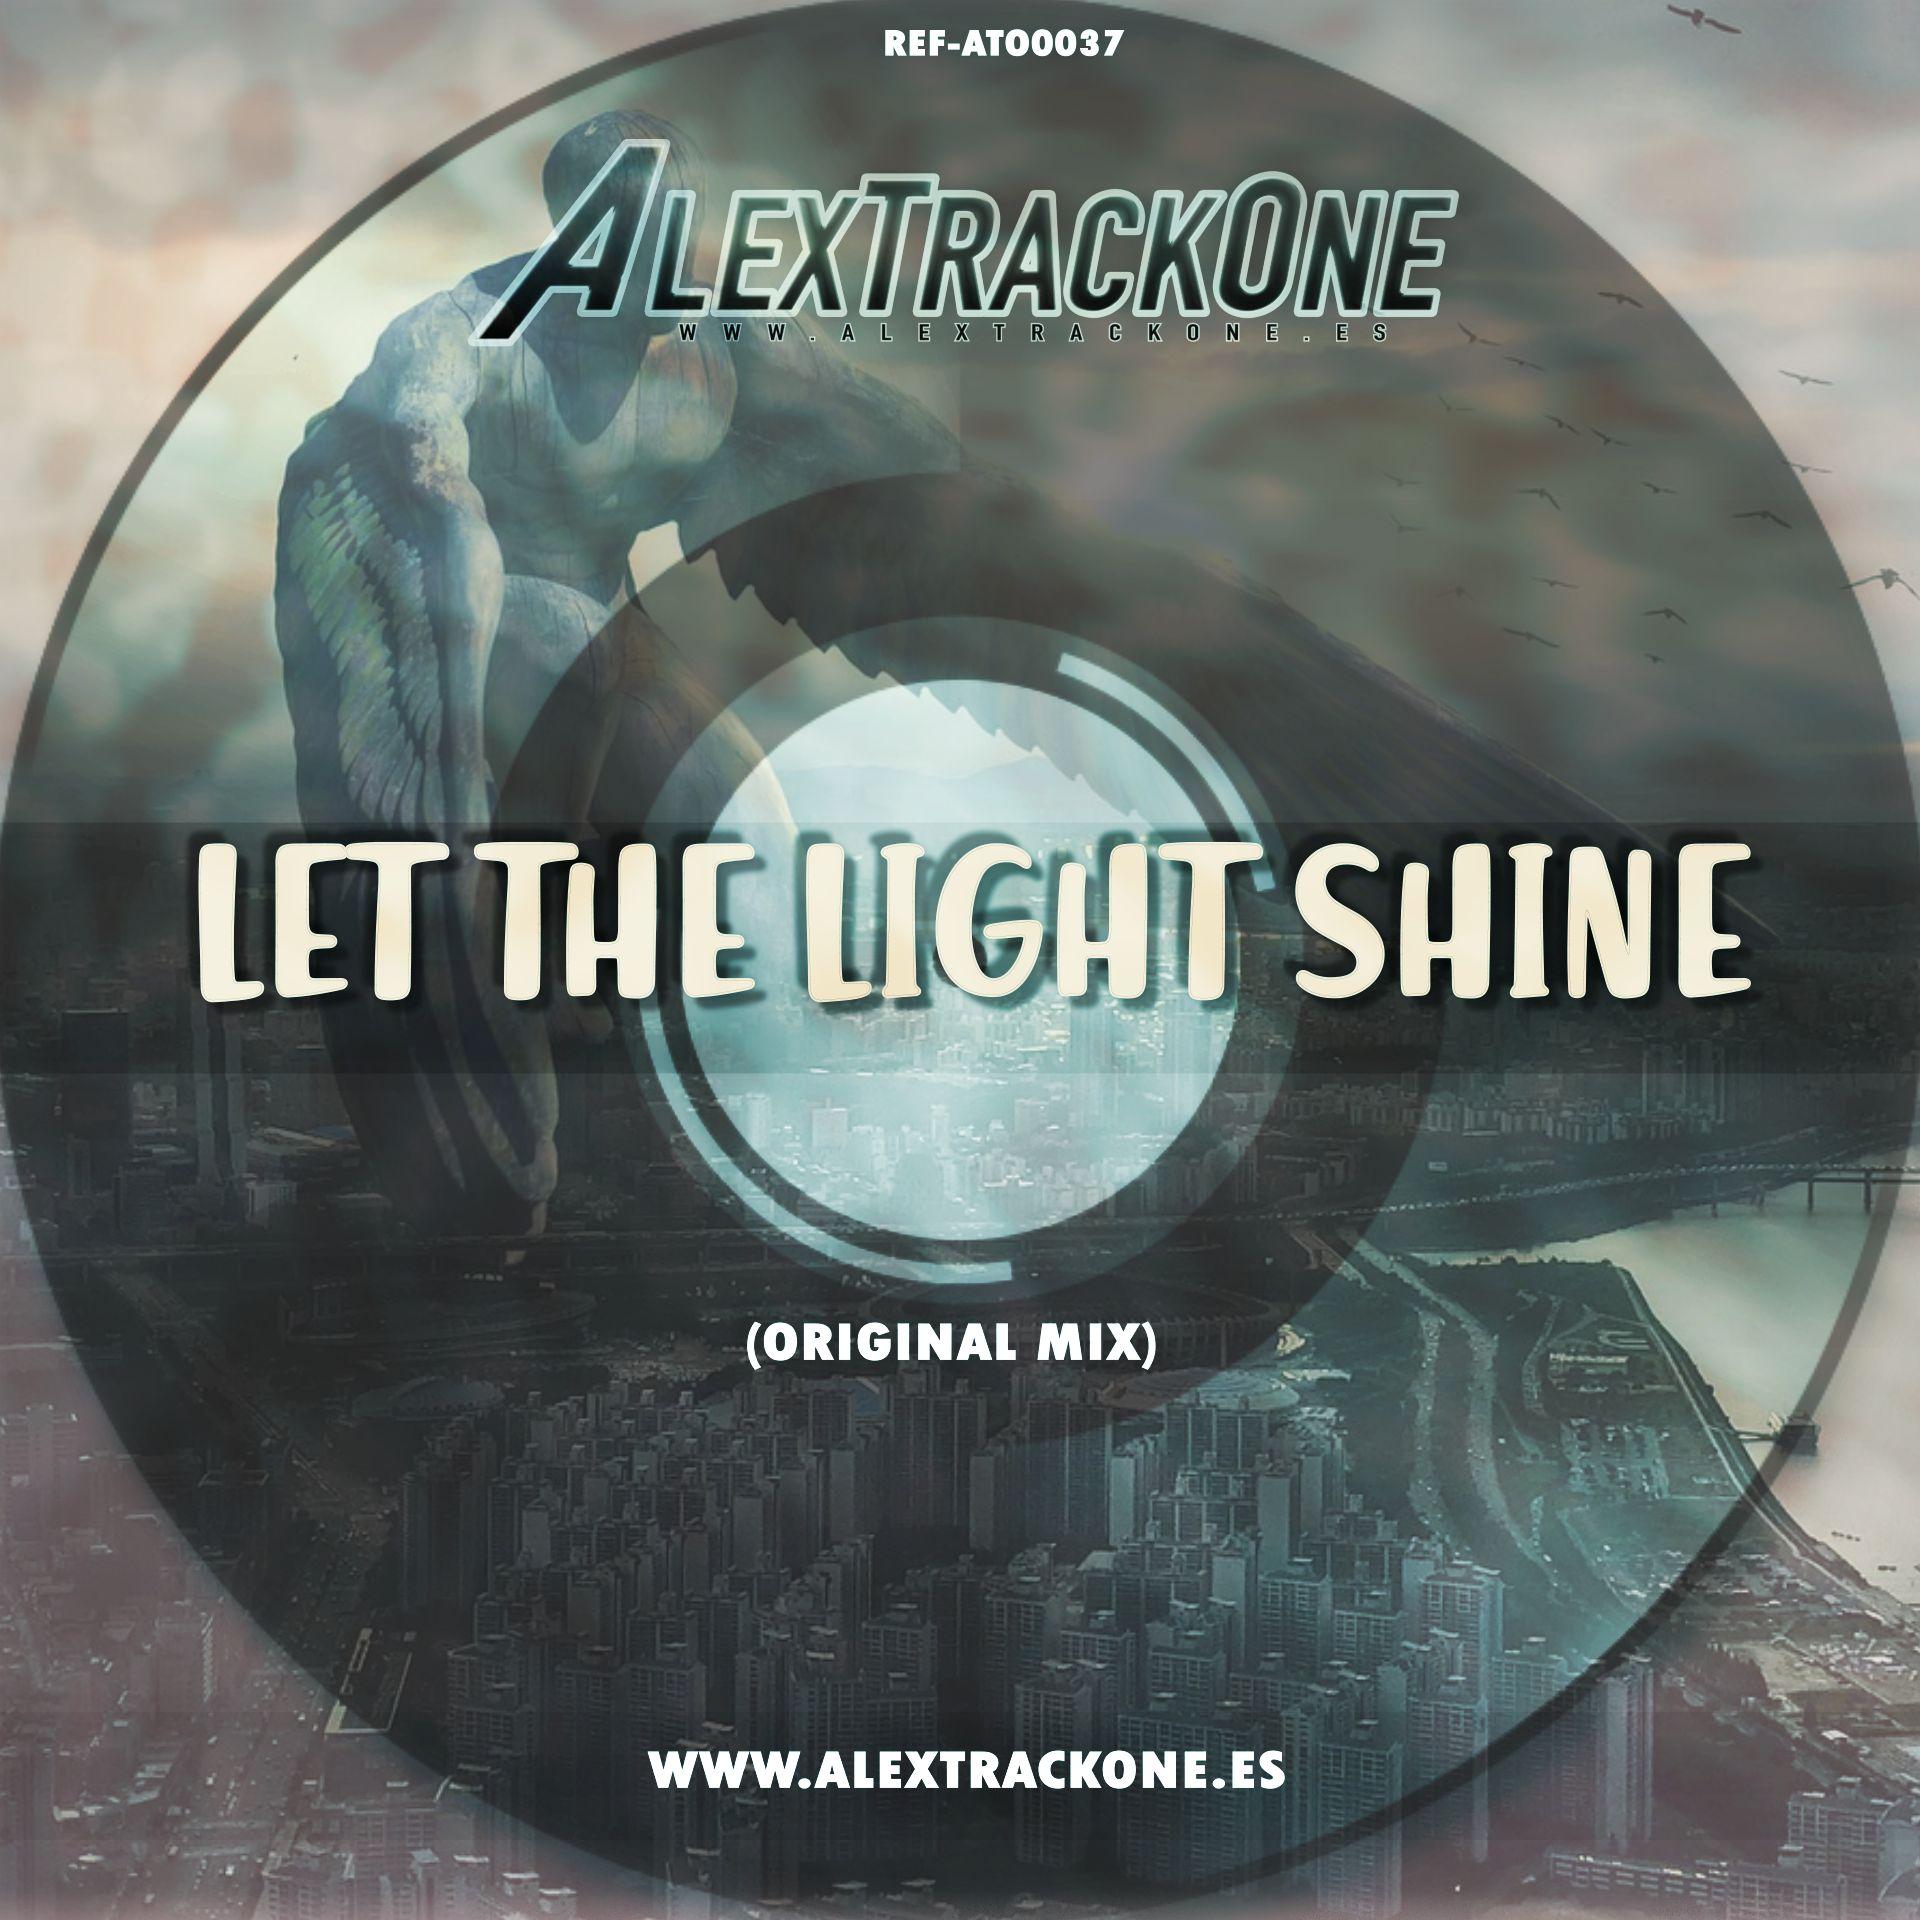 REF-ATO0037 LET THE LIGHT SHINE (ORIGINAL MIX) (MP3 & WAV)